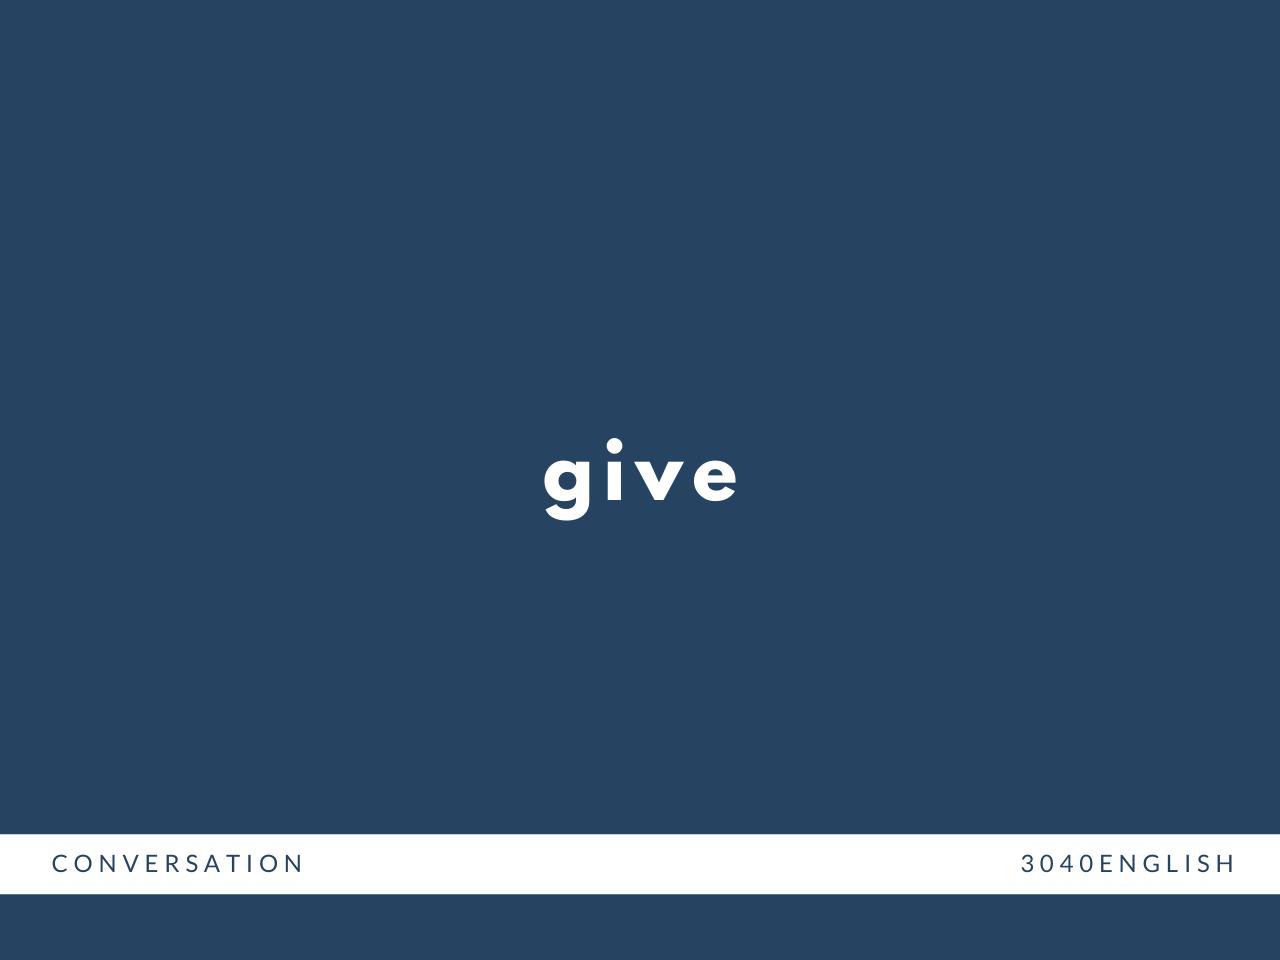 「与える」の英語表現11選【英会話用例文あり】